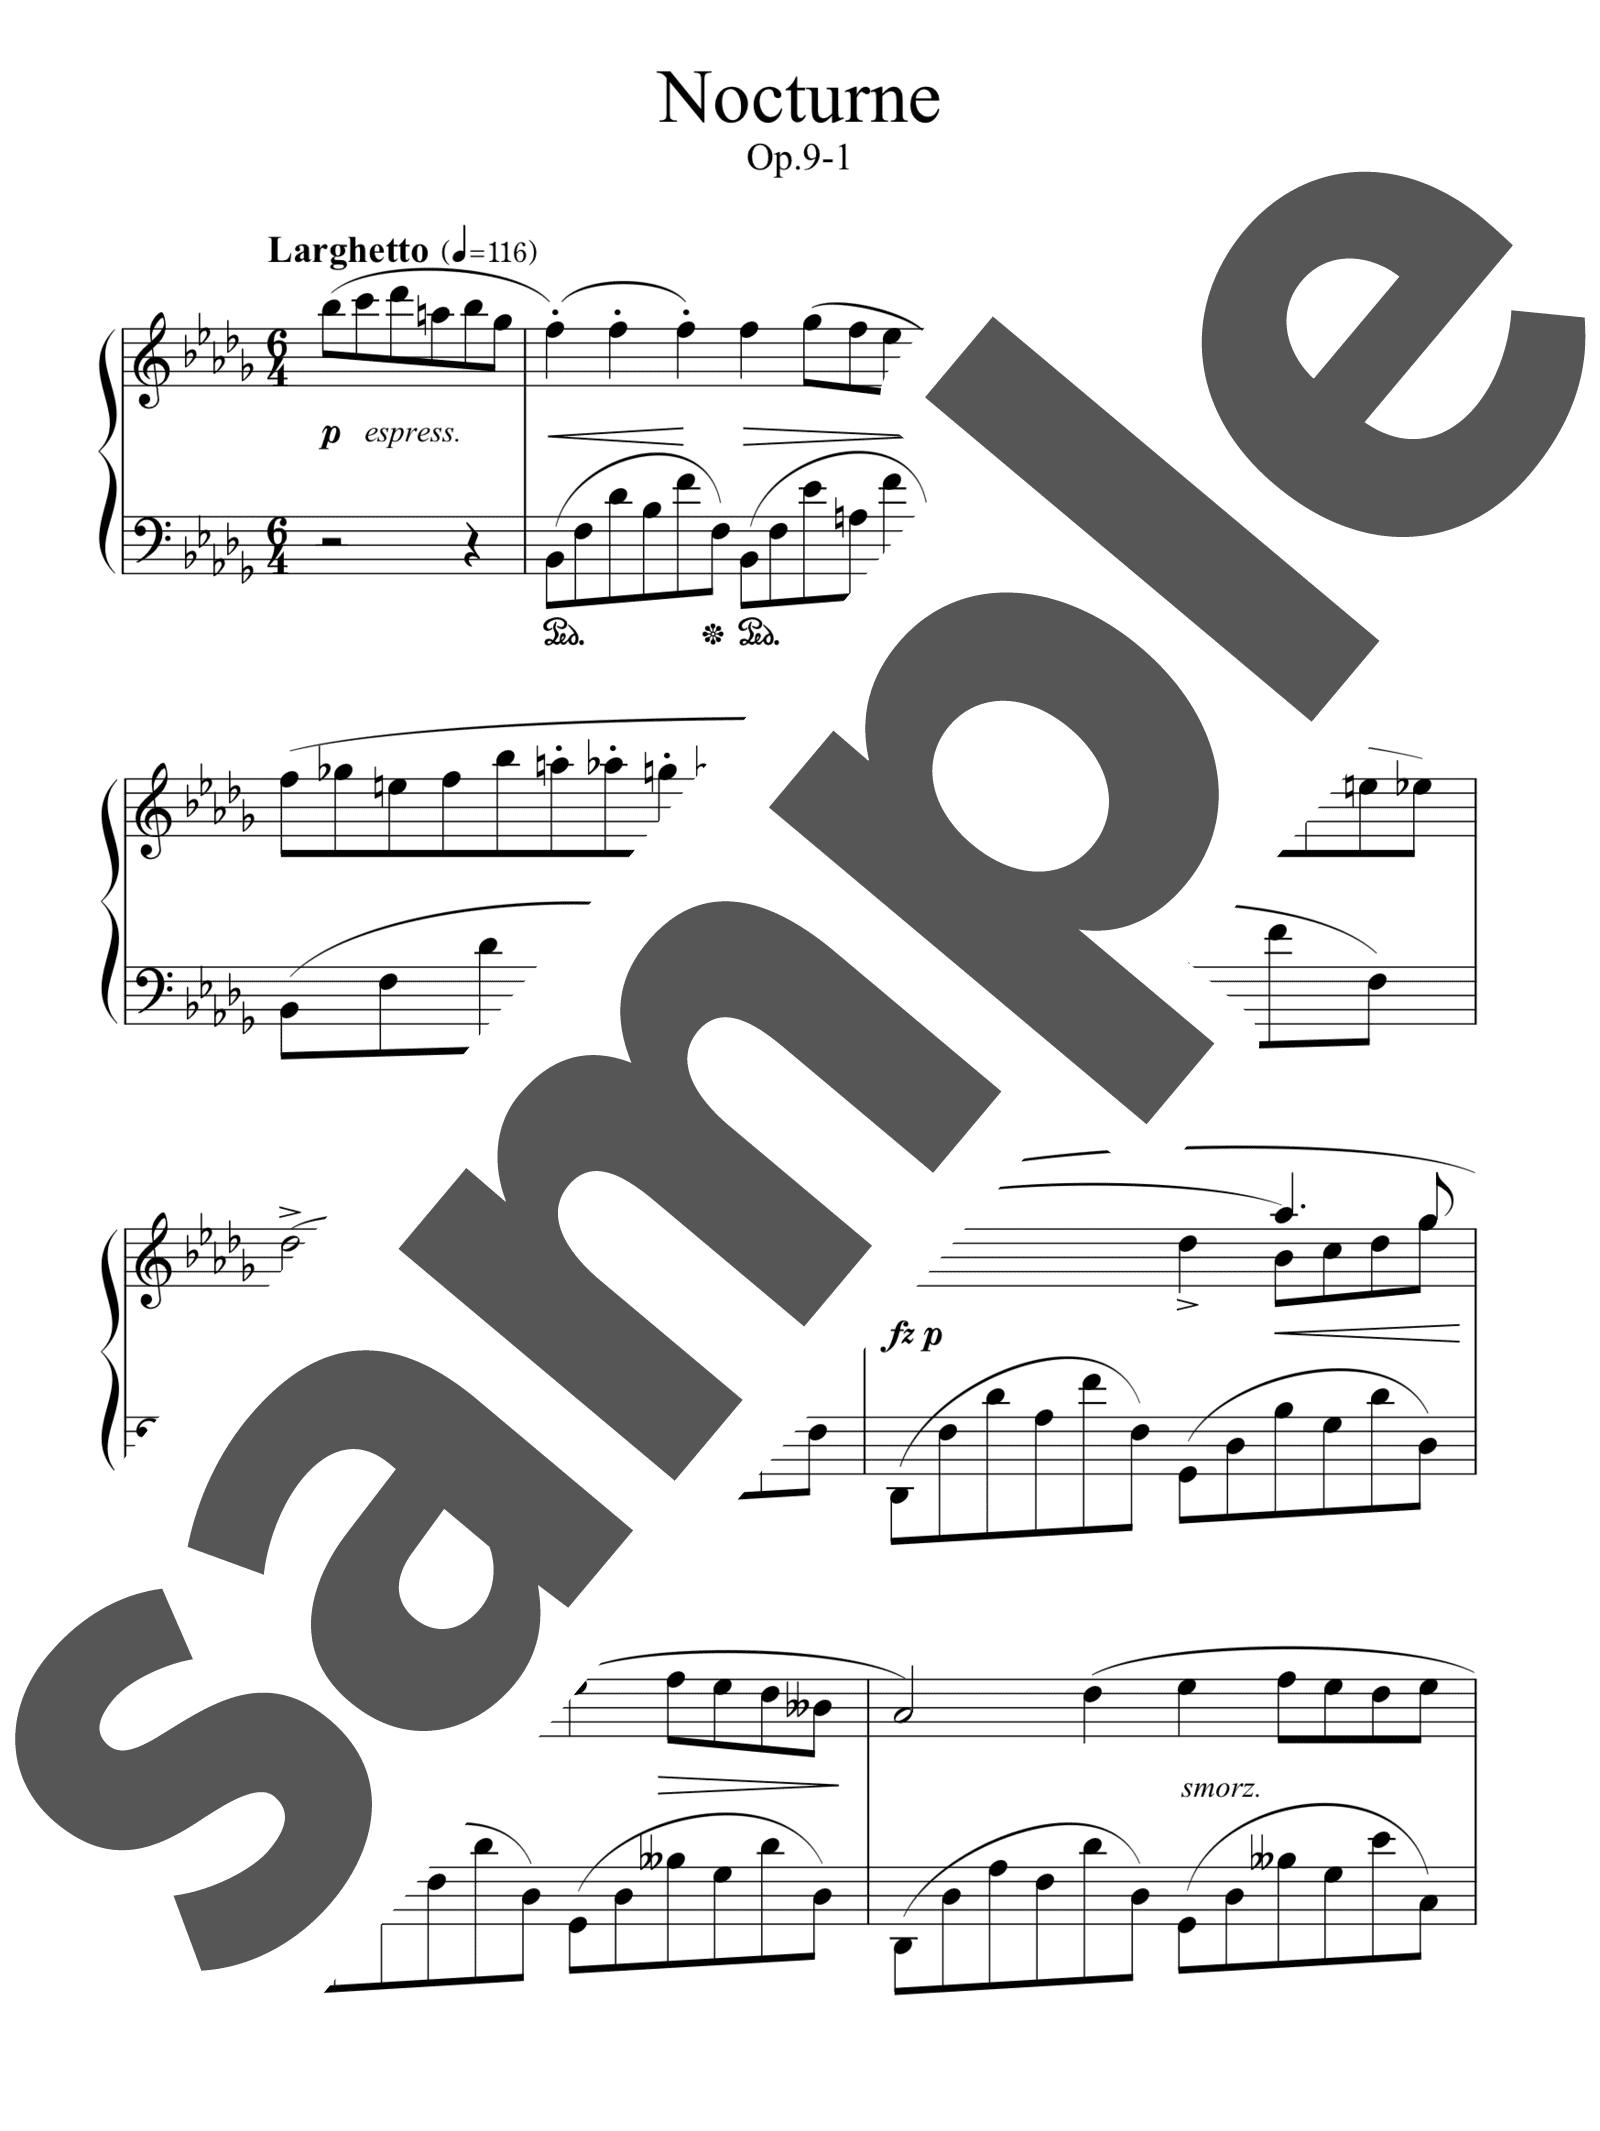 「ノクターン第1番op.9-1」のサンプル楽譜